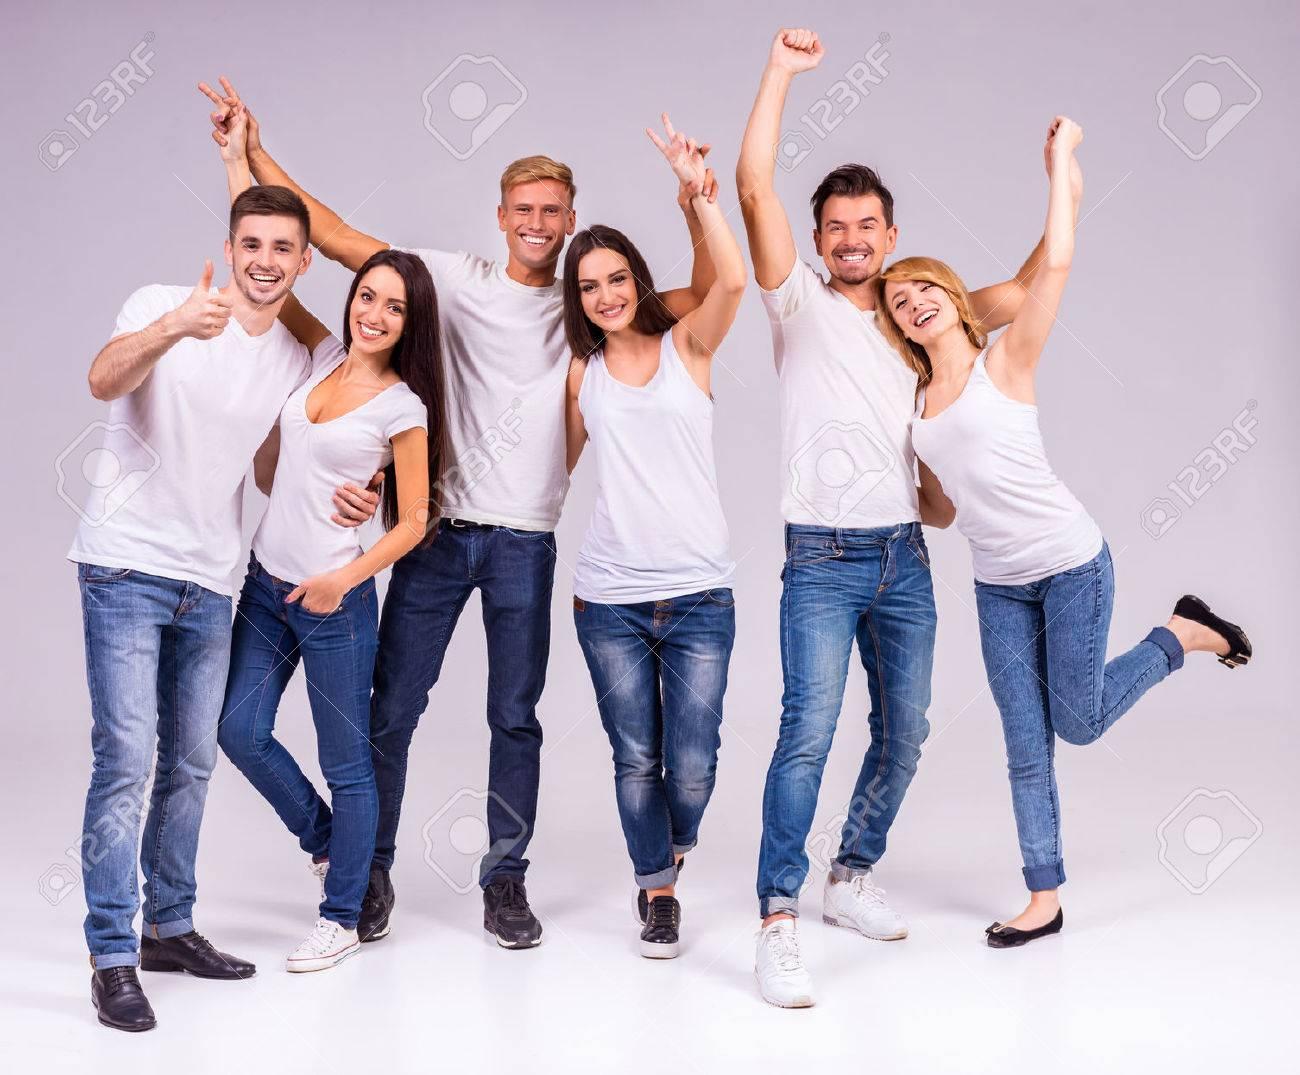 Eine Gruppe von jungen Menschen lächelnd auf einem grauen Hintergrund. Studioaufnahmen Standard-Bild - 46490775